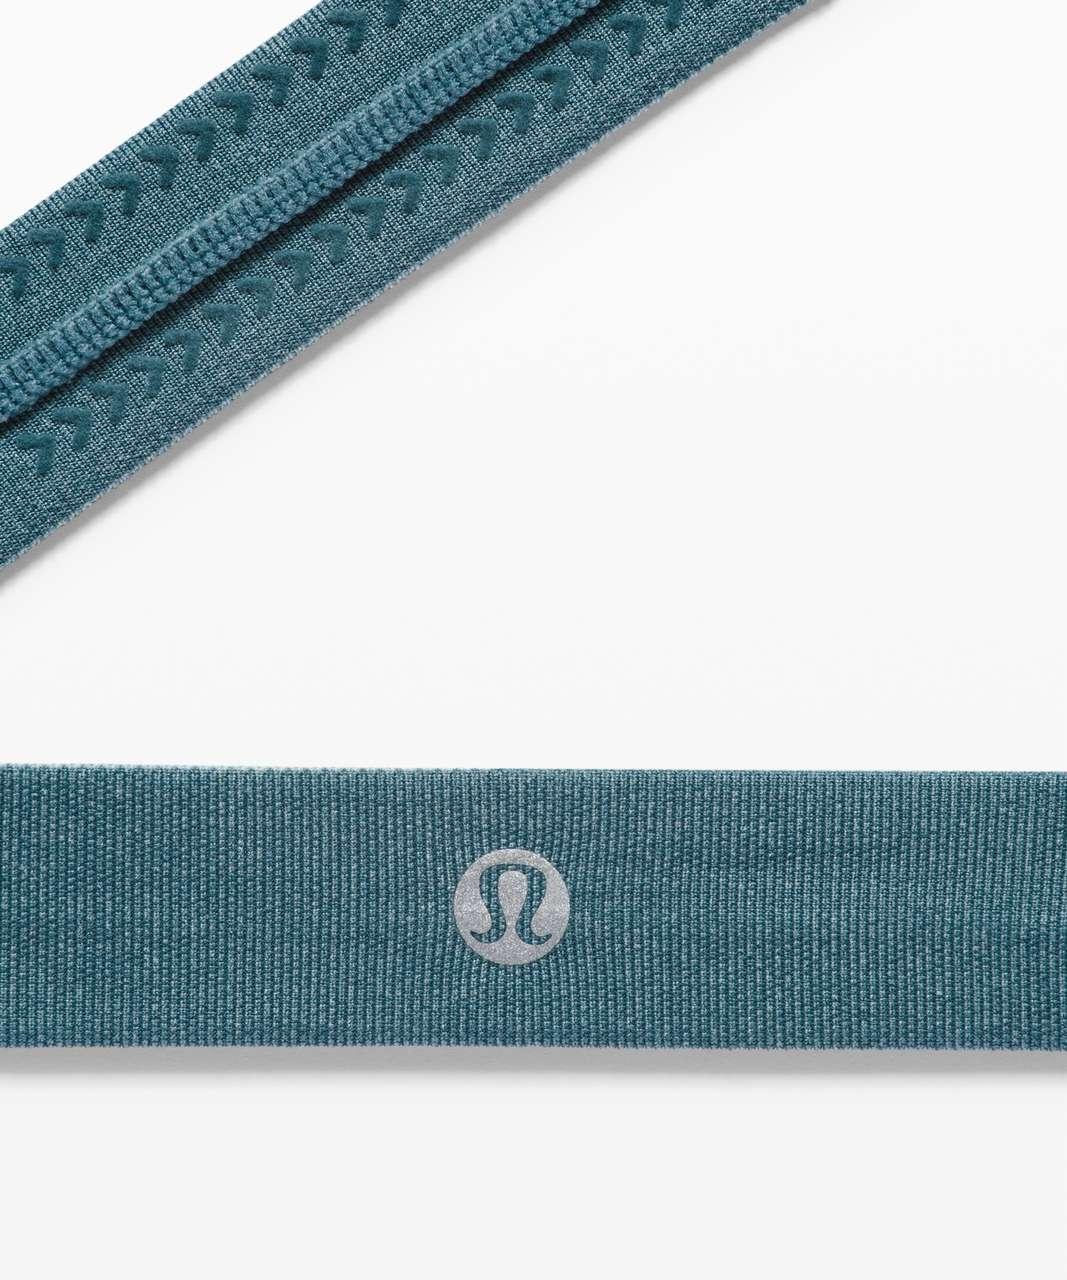 Lululemon Cardio Cross Trainer Headband - Heathered Desert Teal